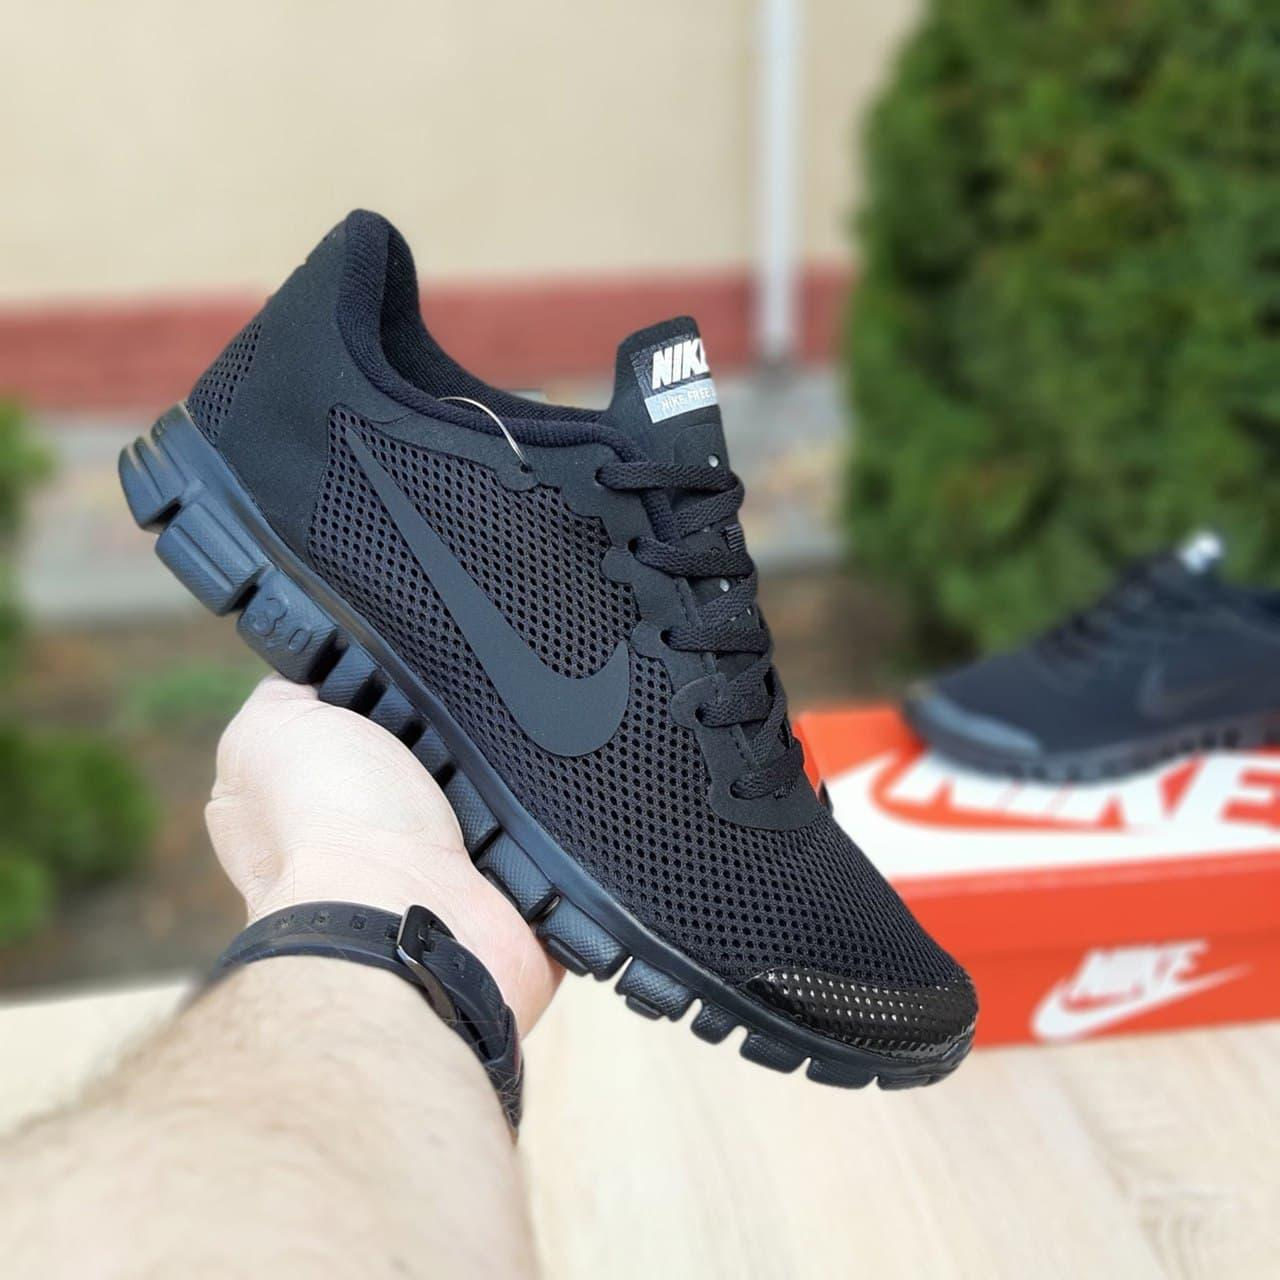 Чоловічі кросівки Nk Free Run 3.0 чорні зі шнурками сітка ТОП ( ліцензія) 40-46р